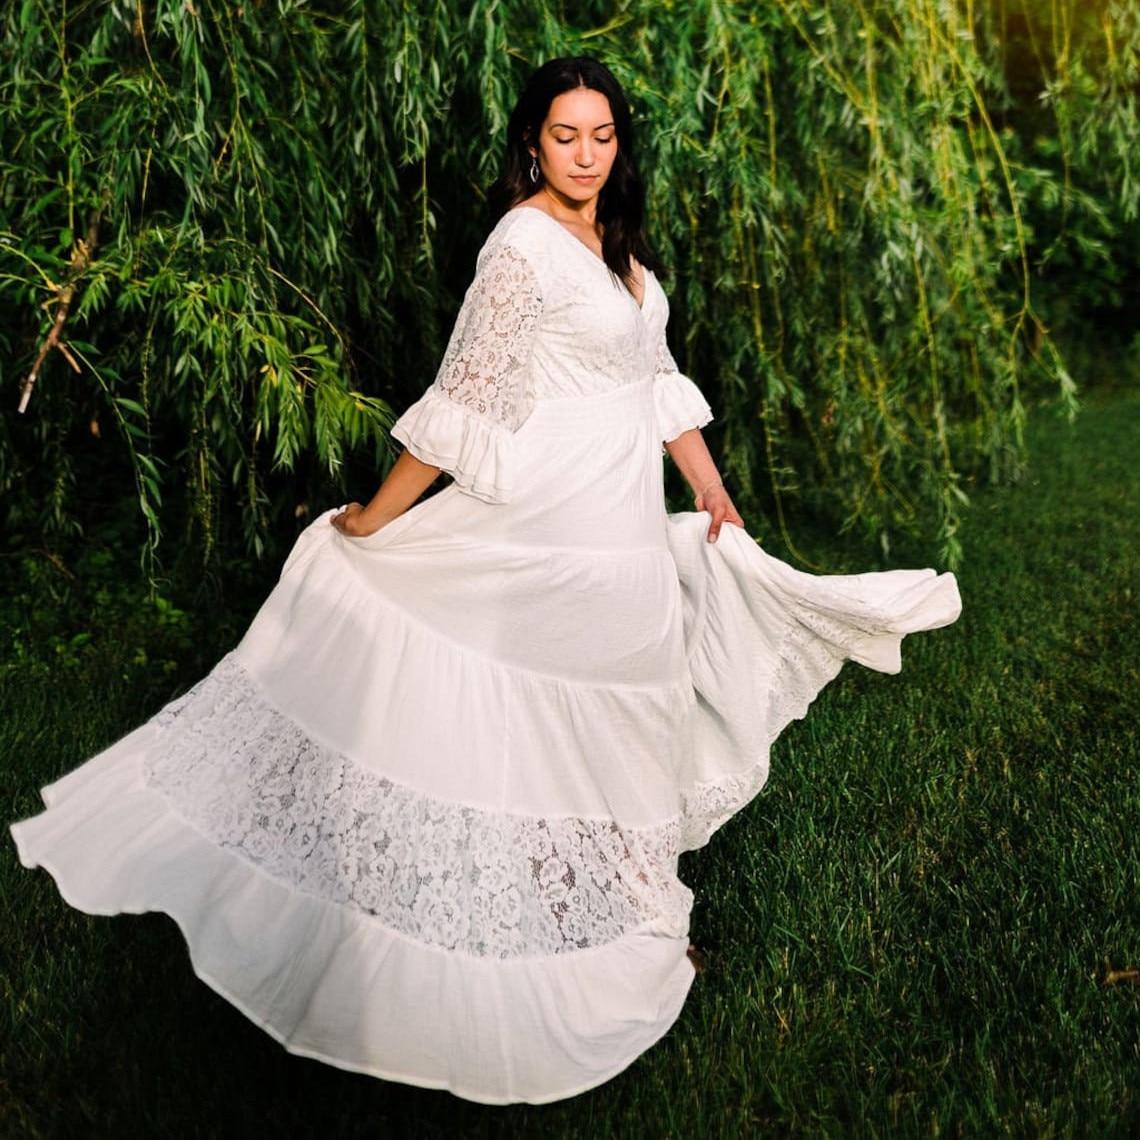 Plus Size Wedding Dresses Bohemian Lace Long Flowy Dress Bride Dress Gypsy Elopement Bridal Gowns Open Back 2021 Robe De Mariee